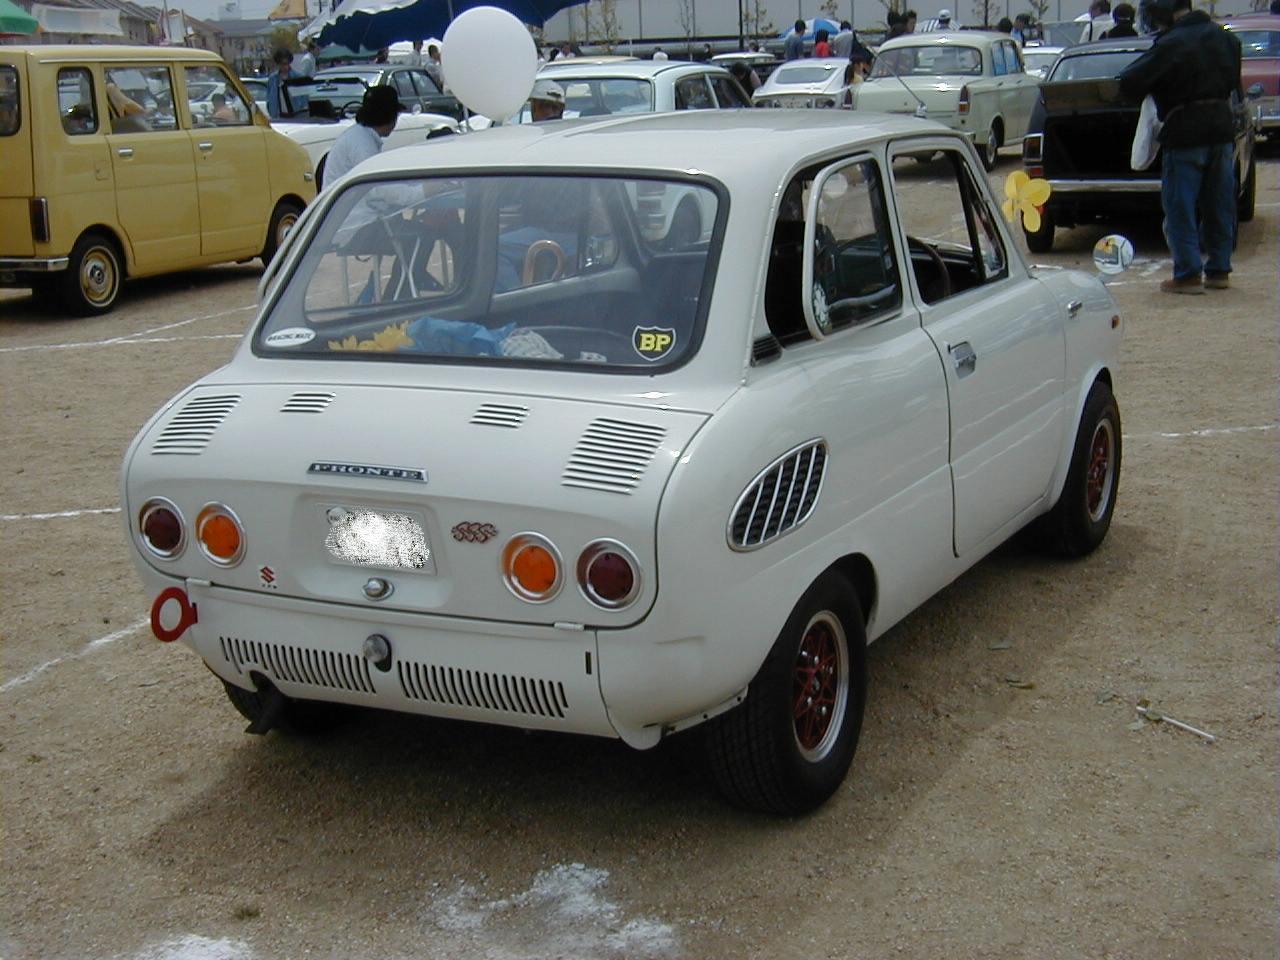 Suzuki Fronte 360 LC10, małe auta, klasyczne kei car